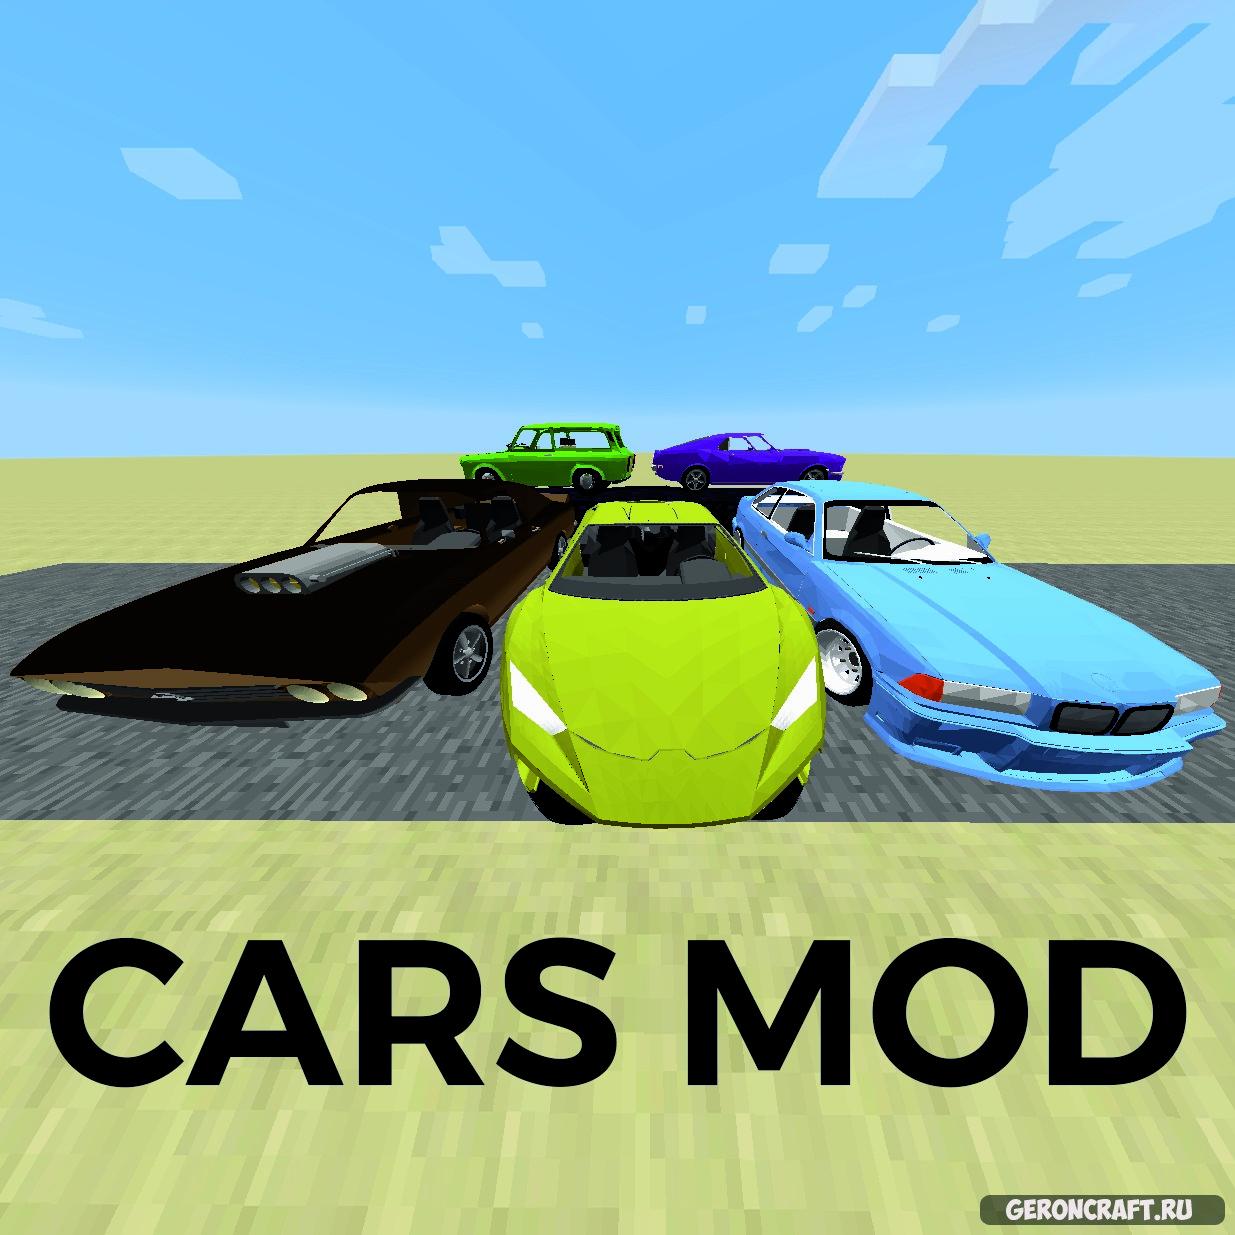 Cars Mod (xujmod) [1.12.2] [1.10.2]